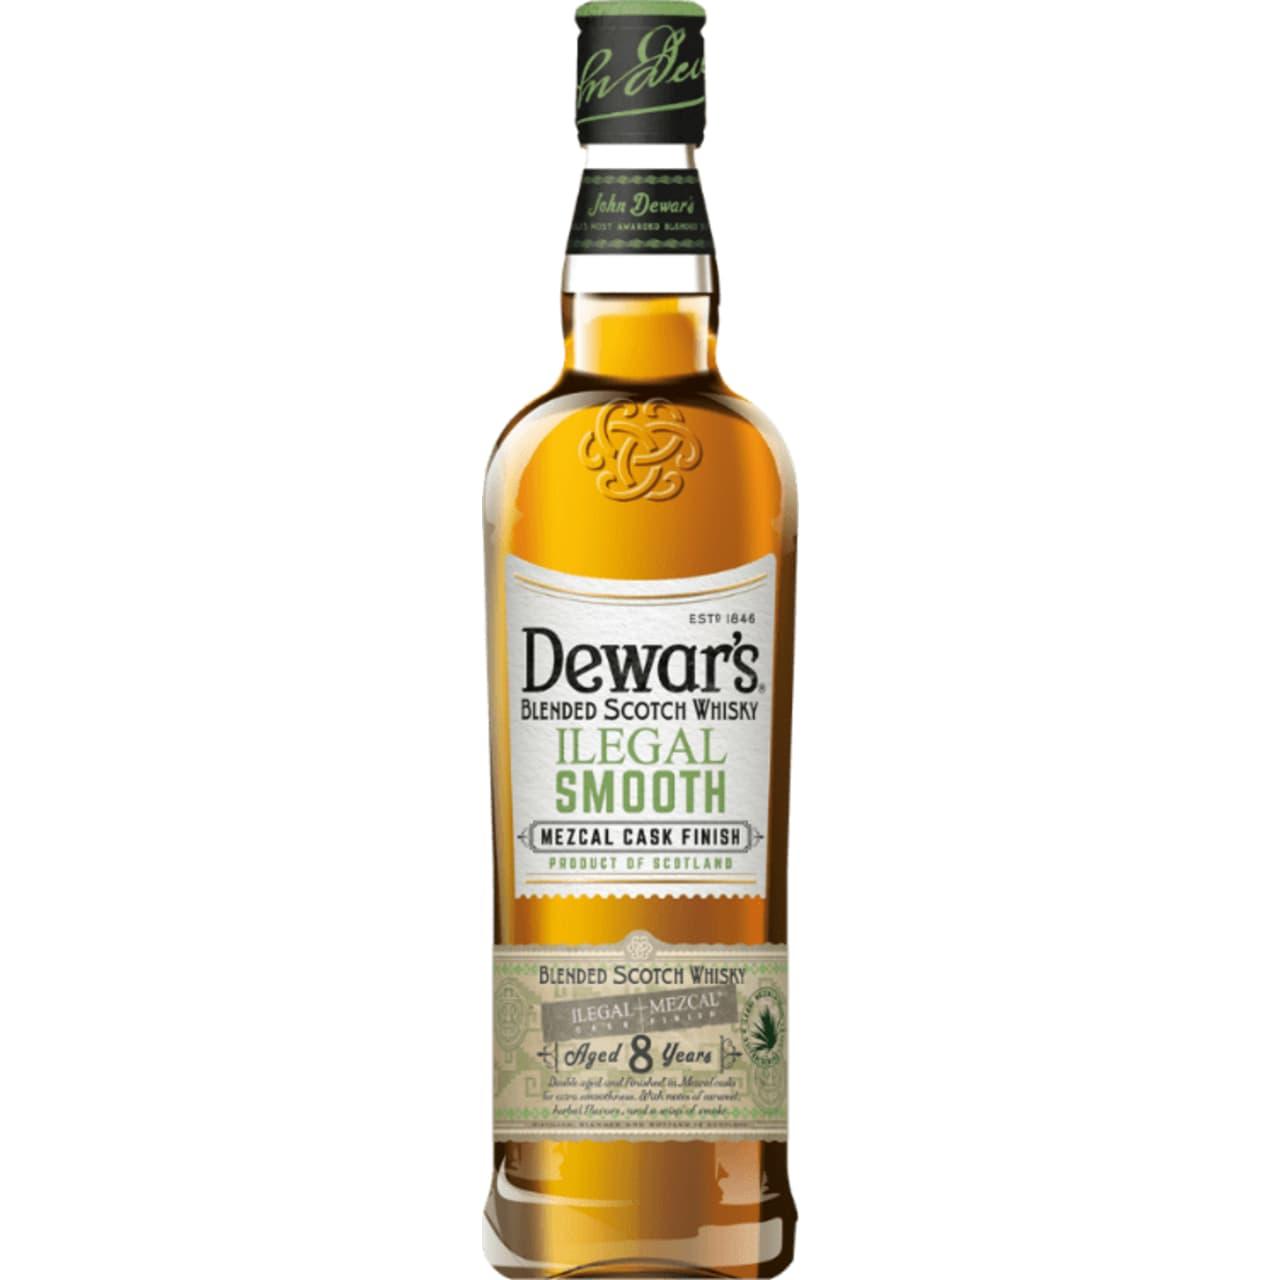 Product Image - Dewar's Ilegal Smooth Mezcal Finish Whisky